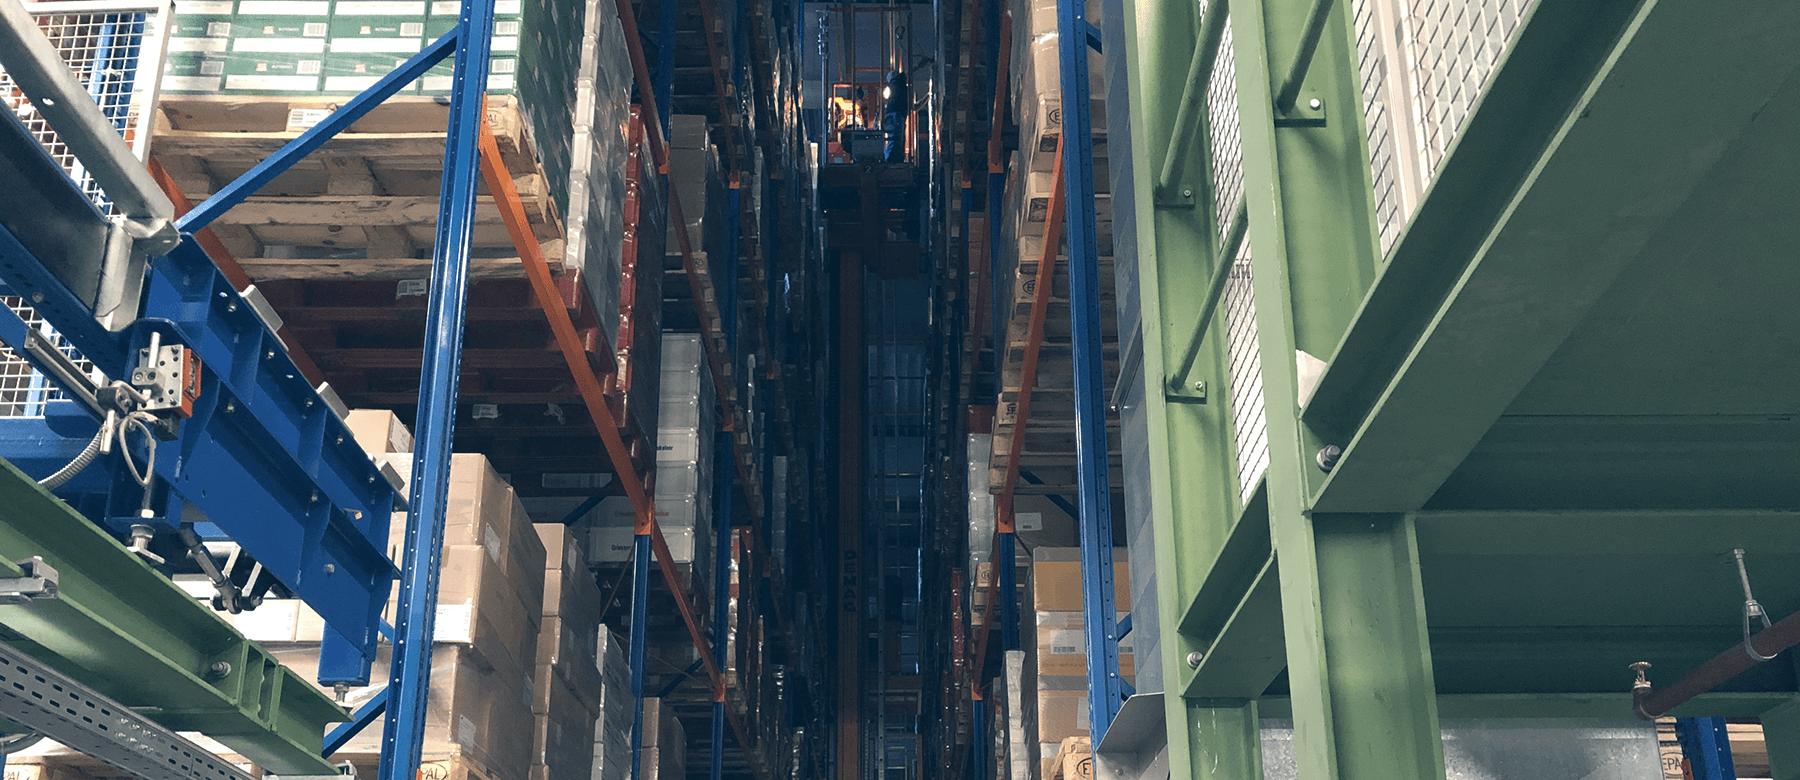 Industrieklettereinsatz im Hochregallager